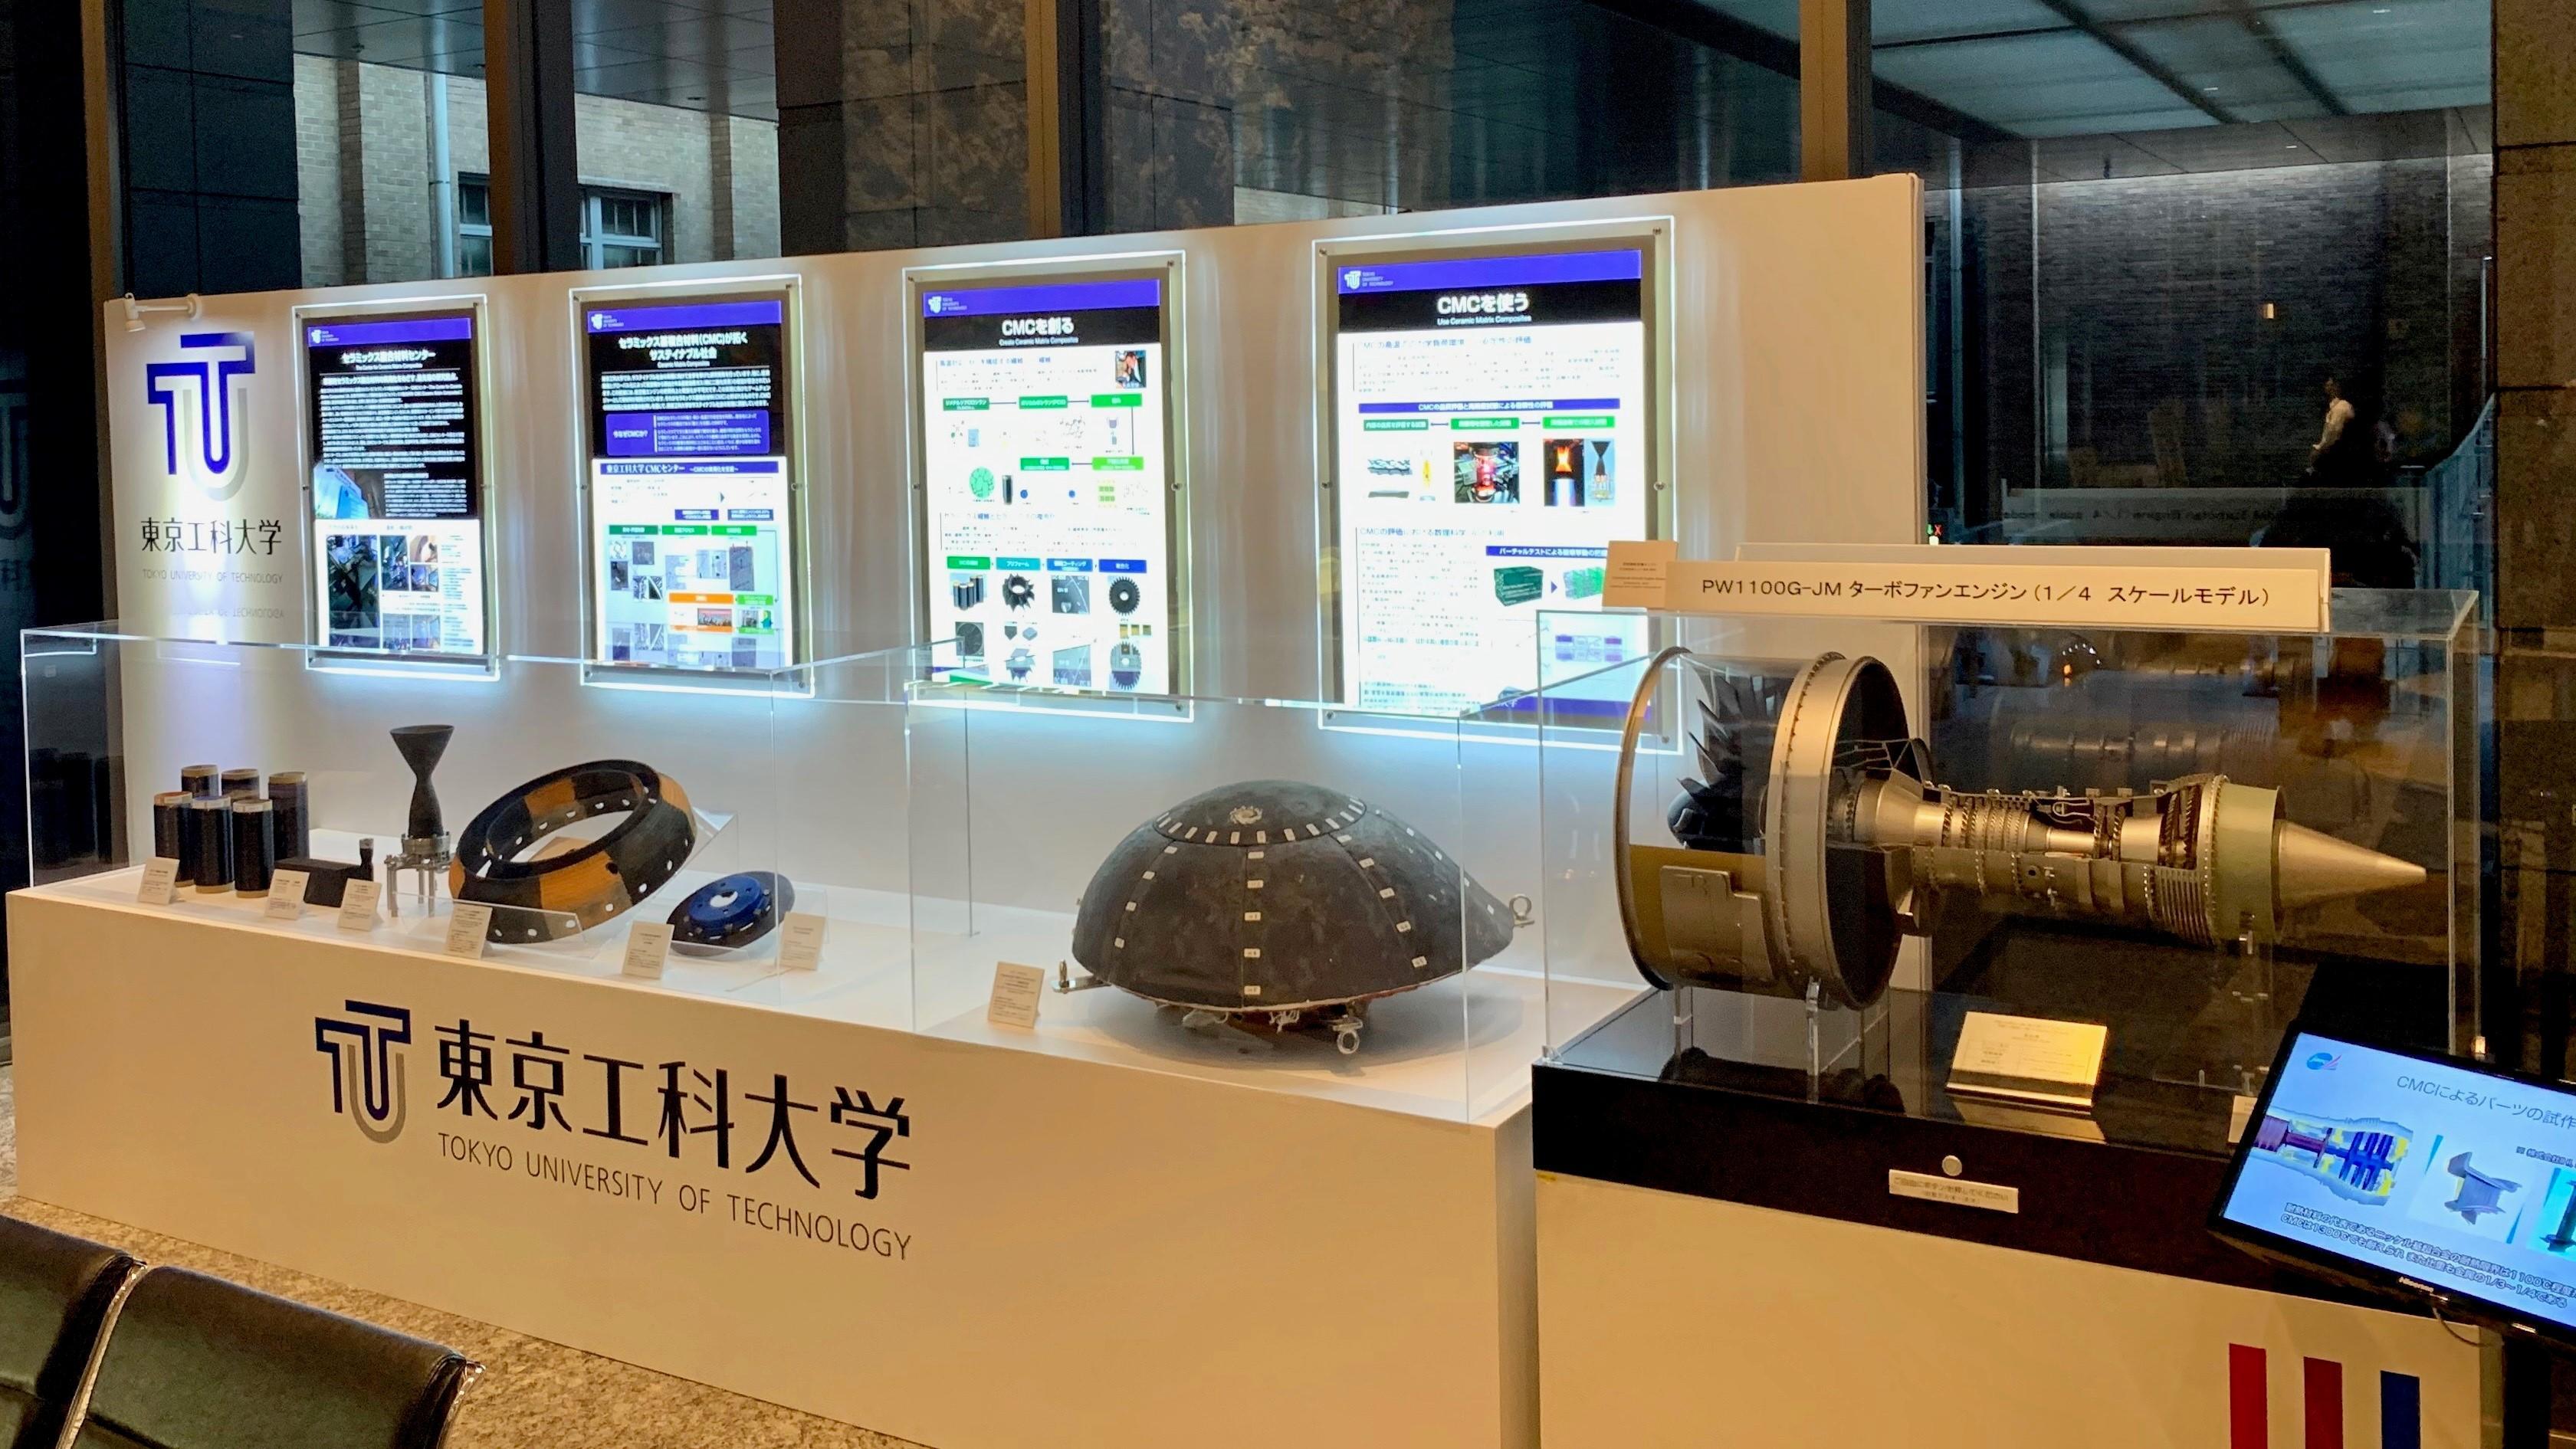 次世代工業材料の実用化へ産学官連携による研究開発 「セラミックス複合材料(CMC)の実用化に向けた研究紹介」 4月1日(水)~5月8日(金) 文部科学省エントランスにて企画展示 -- 東京工科大学